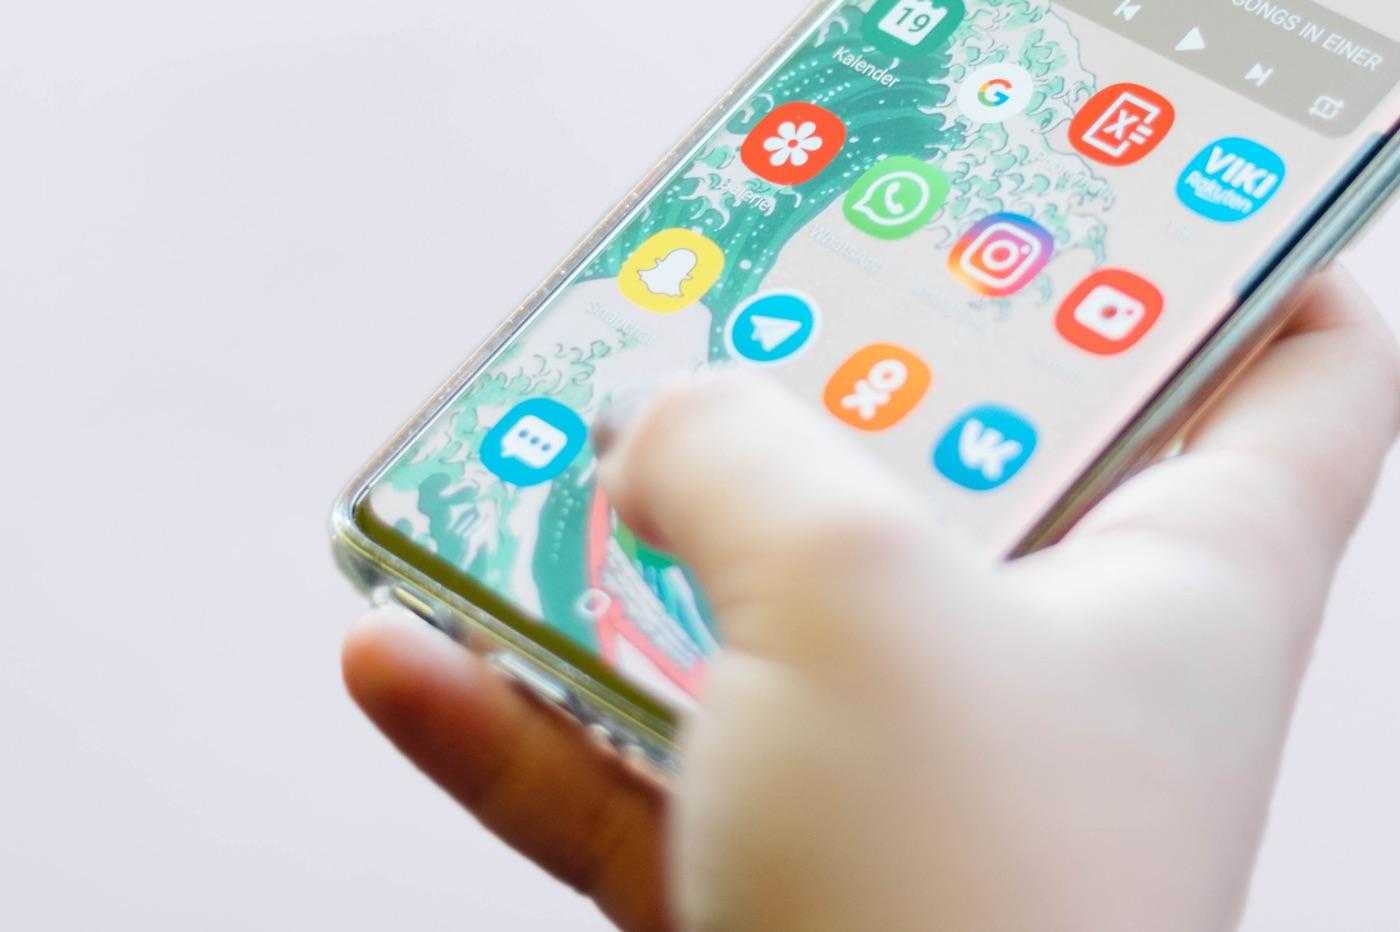 Rumeur : un iPhone avec Touch ID sous écran en préparation ? 1